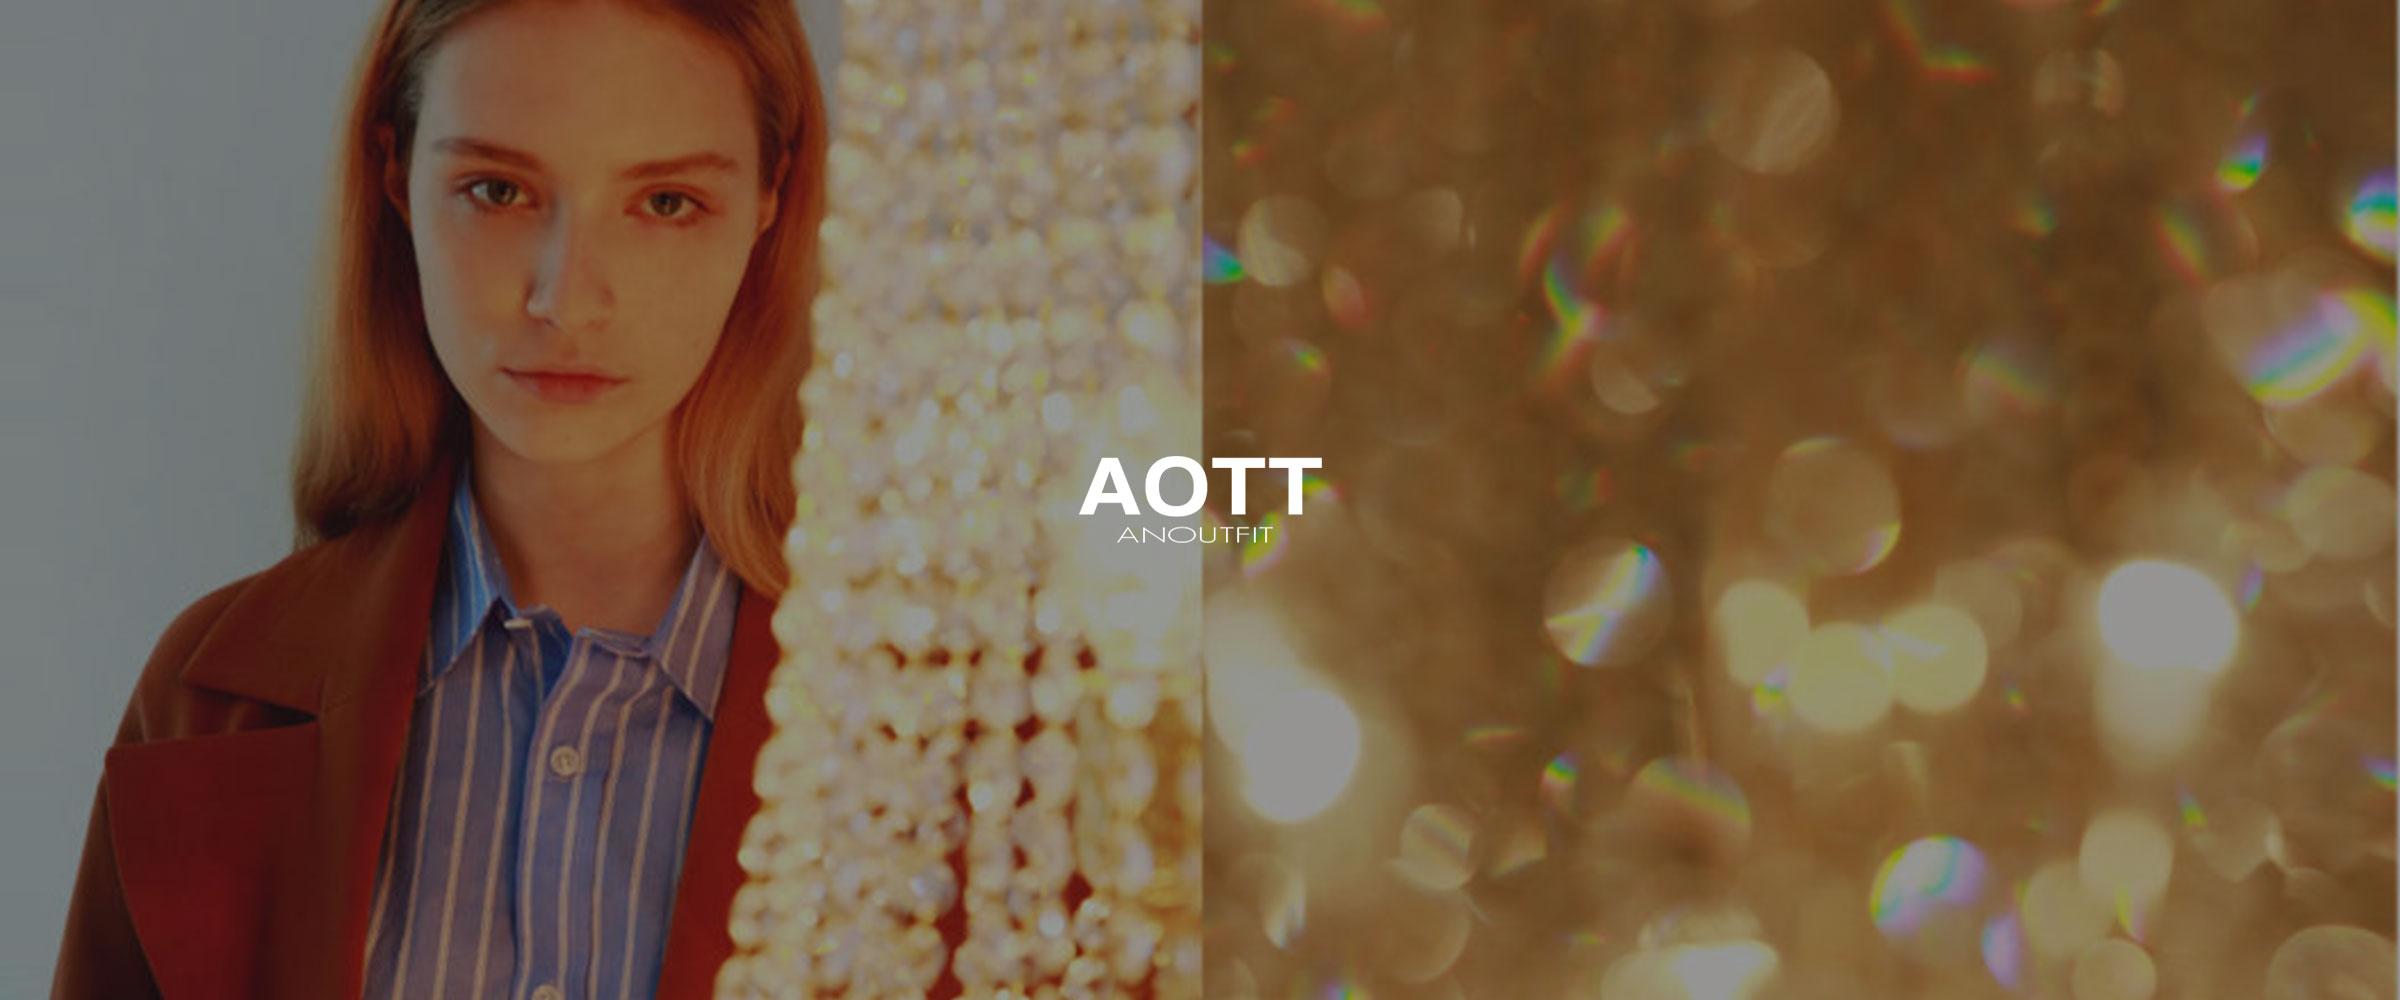 aott.jpg